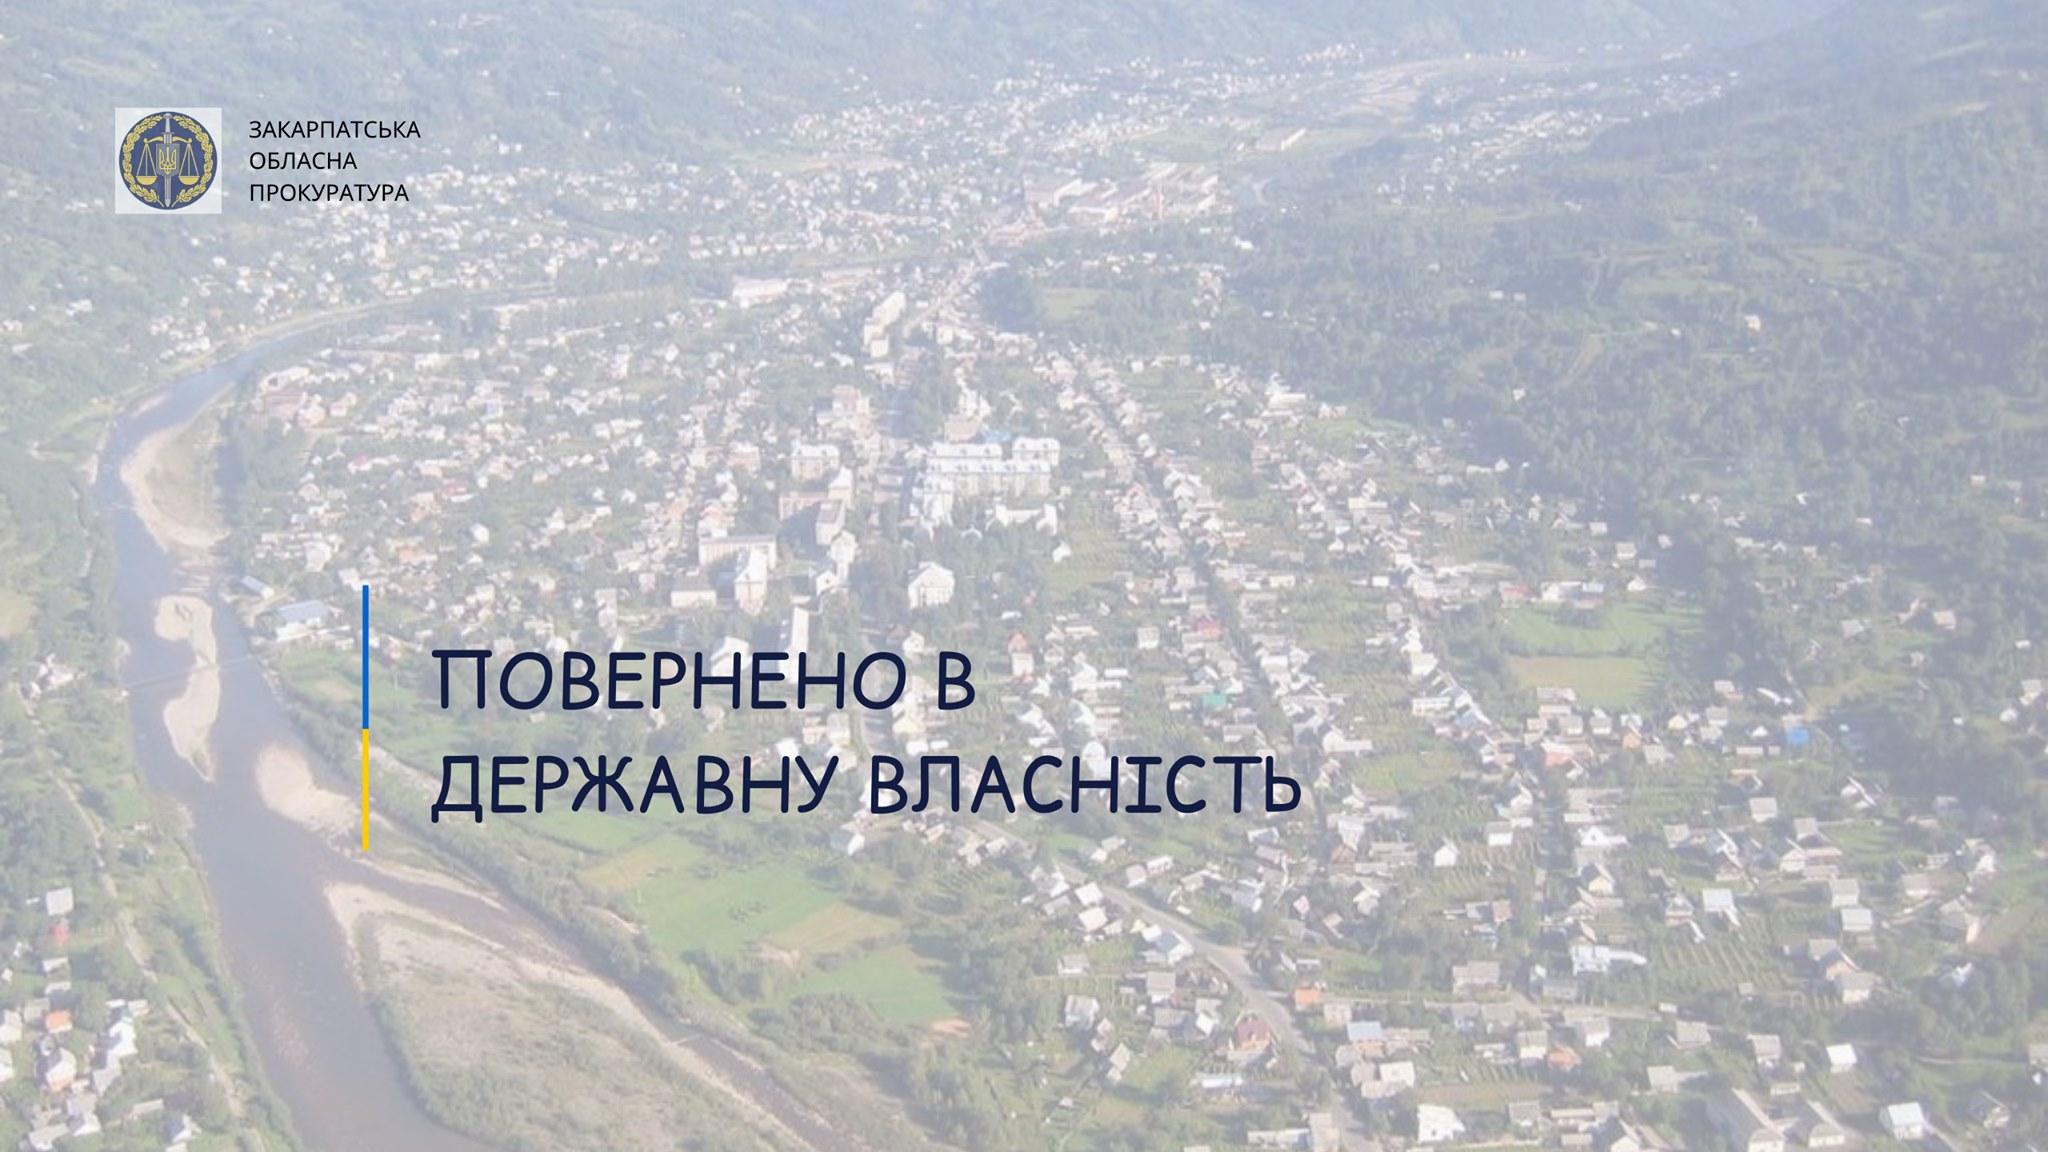 Тячівським районним судом задоволено позовну заяву Тячівської місцевої прокуратури про скасування права приватної власності на земельну ділянку площею 0,25 га вартістю близько 300 тис грн.